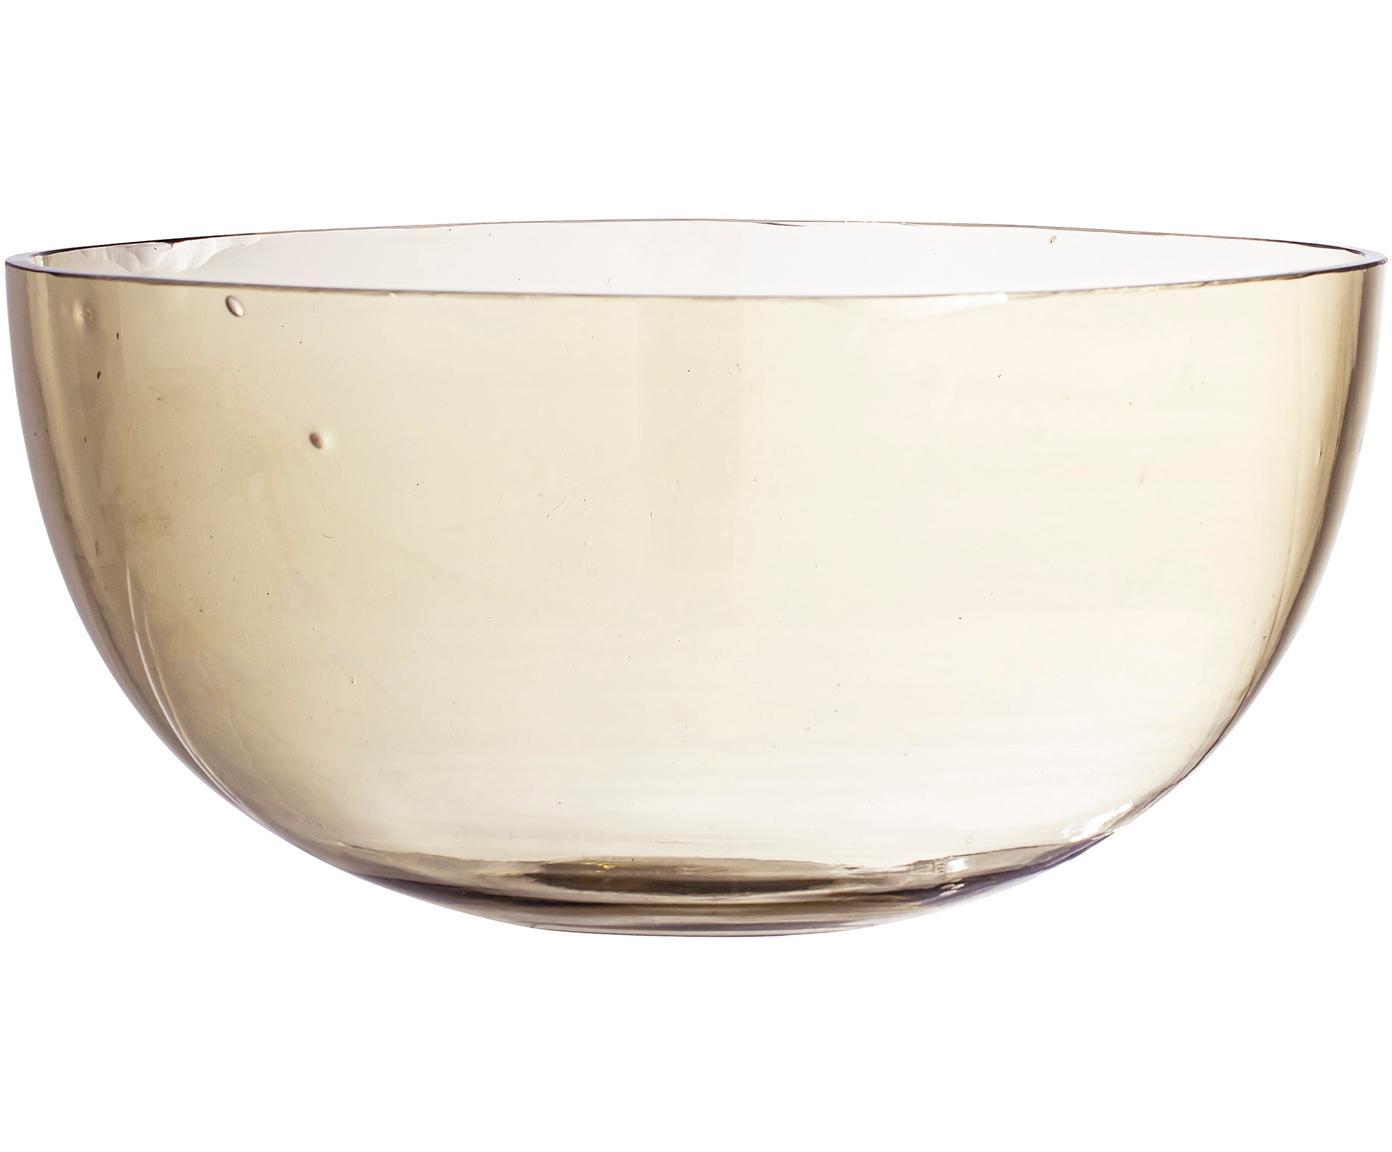 Cuenco de vidrio reciclado Casie, Vidrio reciclado, Marrón, transparente, Ø 22 x Al 11 cm